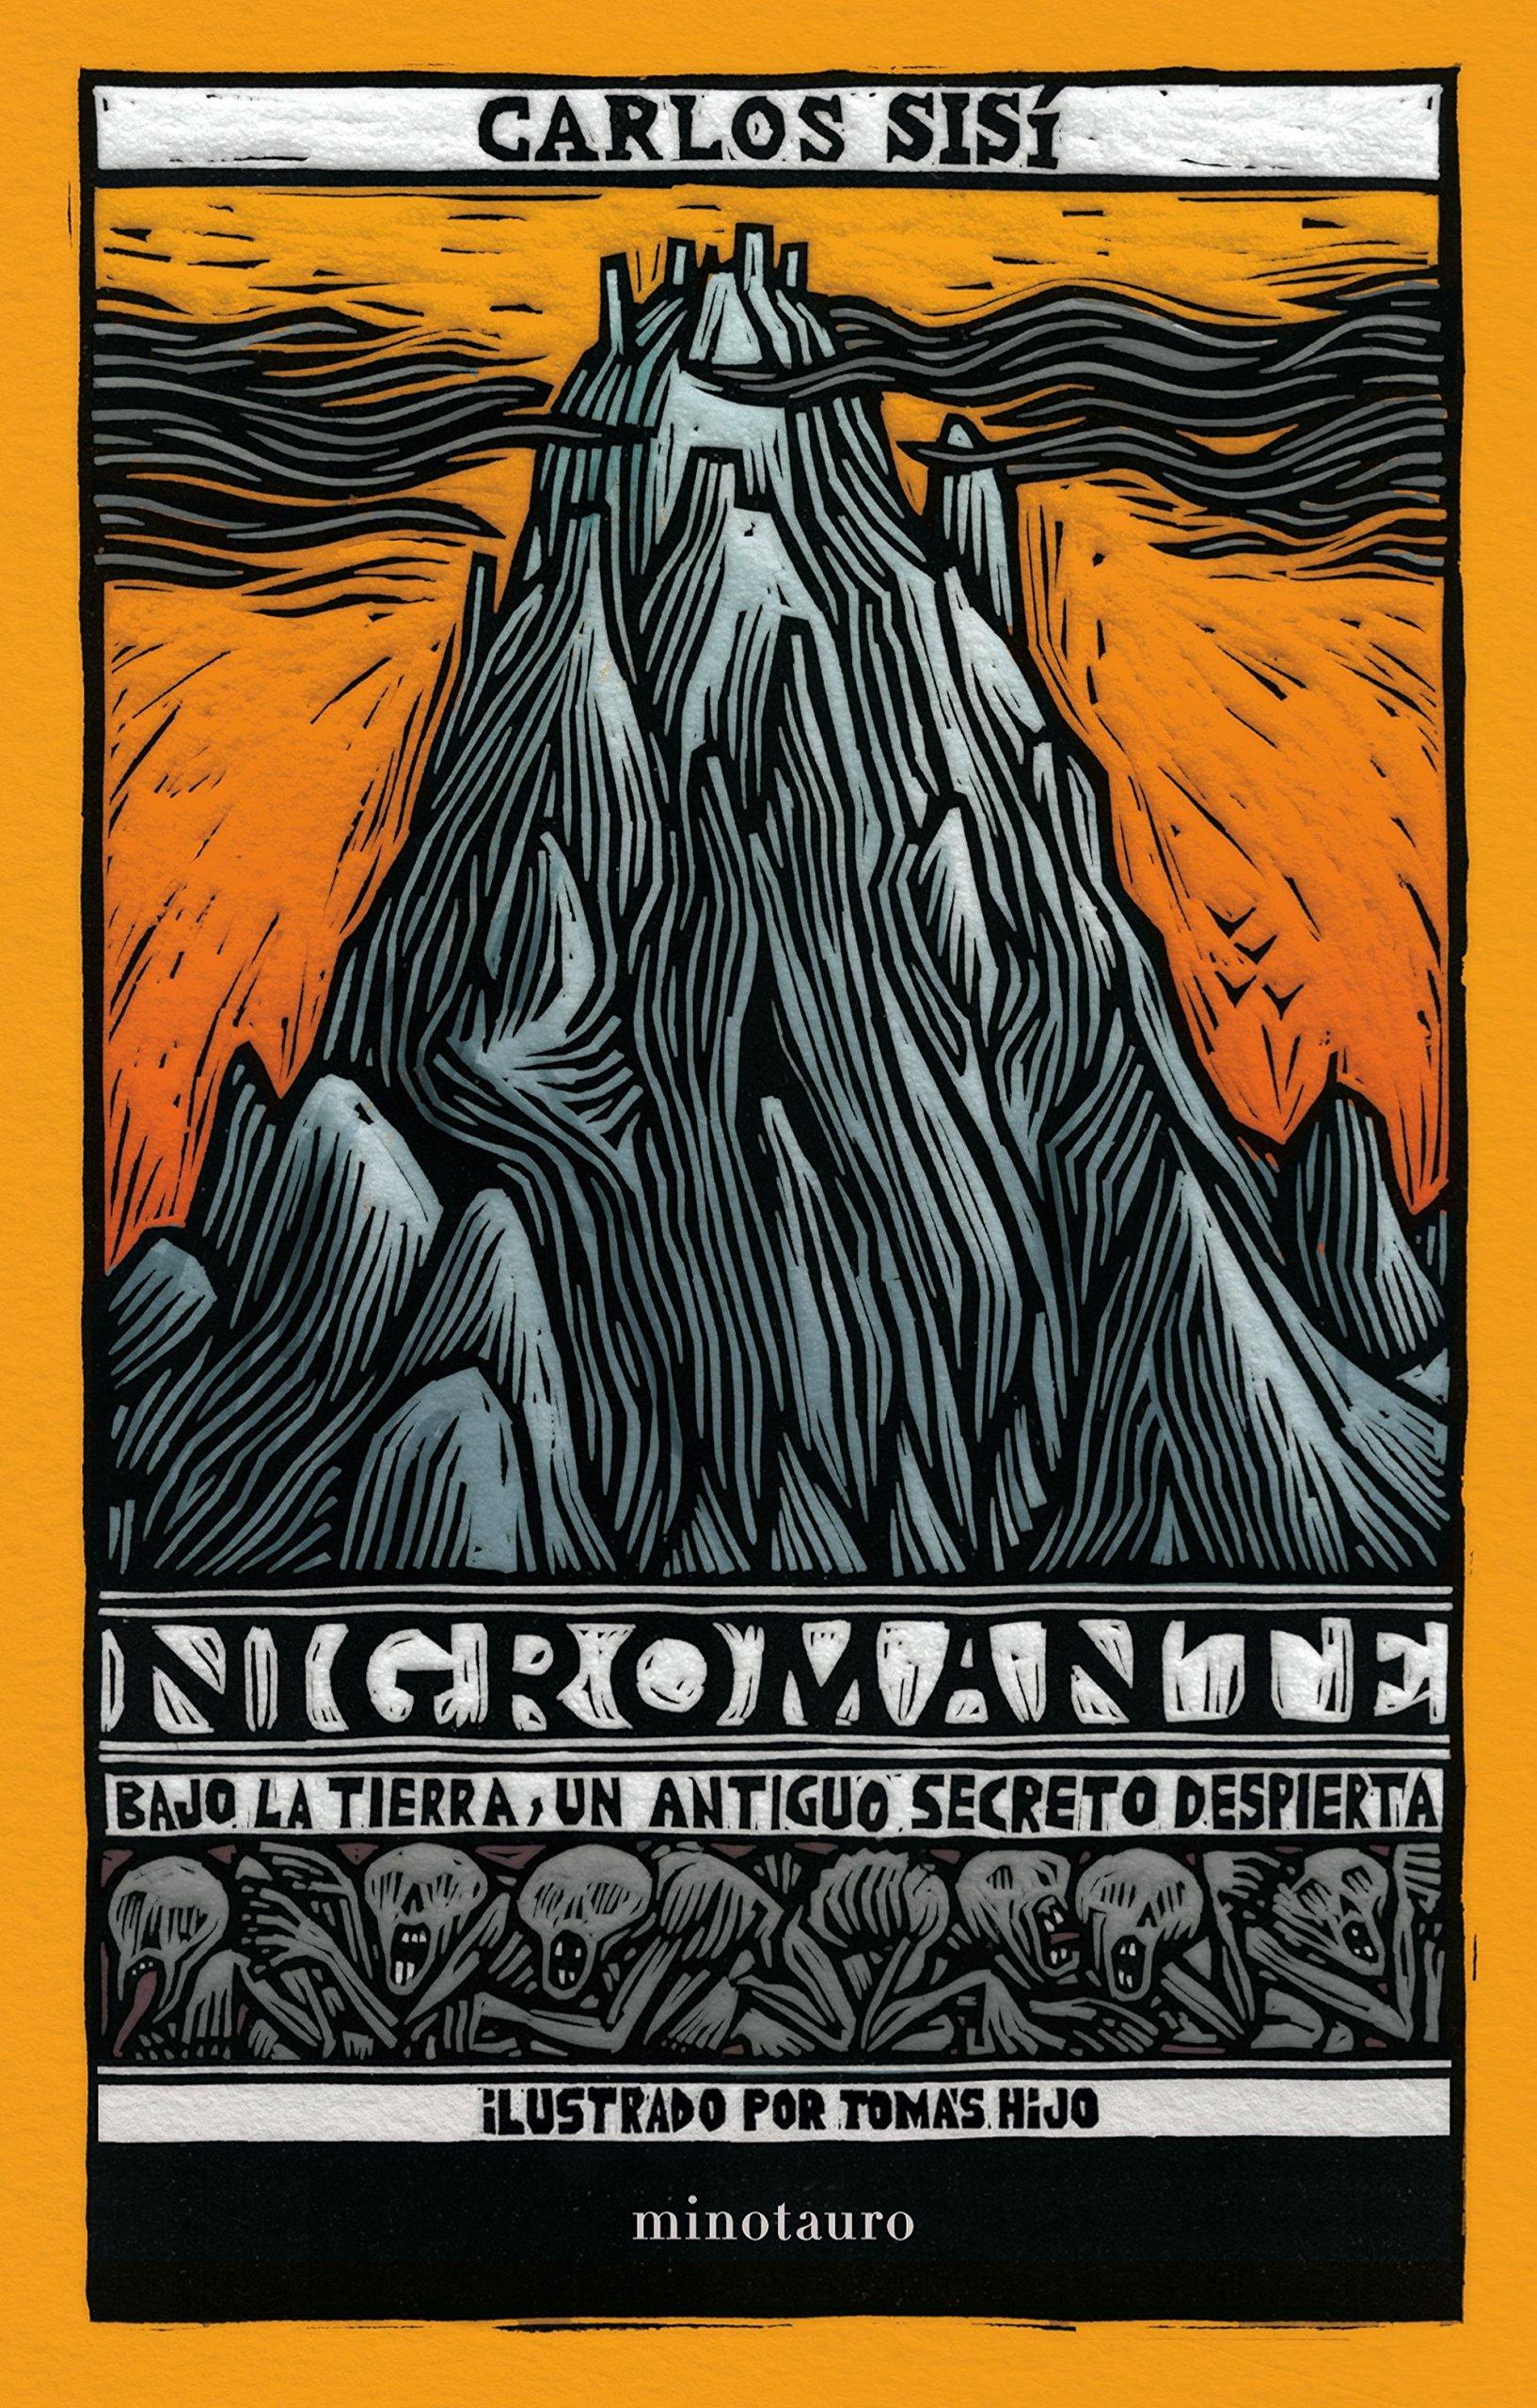 Nigromante: Bajo la tierra, un antiguo secreto despierta Biblioteca Carlos Sisí: Amazon.es: Sisí, Carlos: Libros